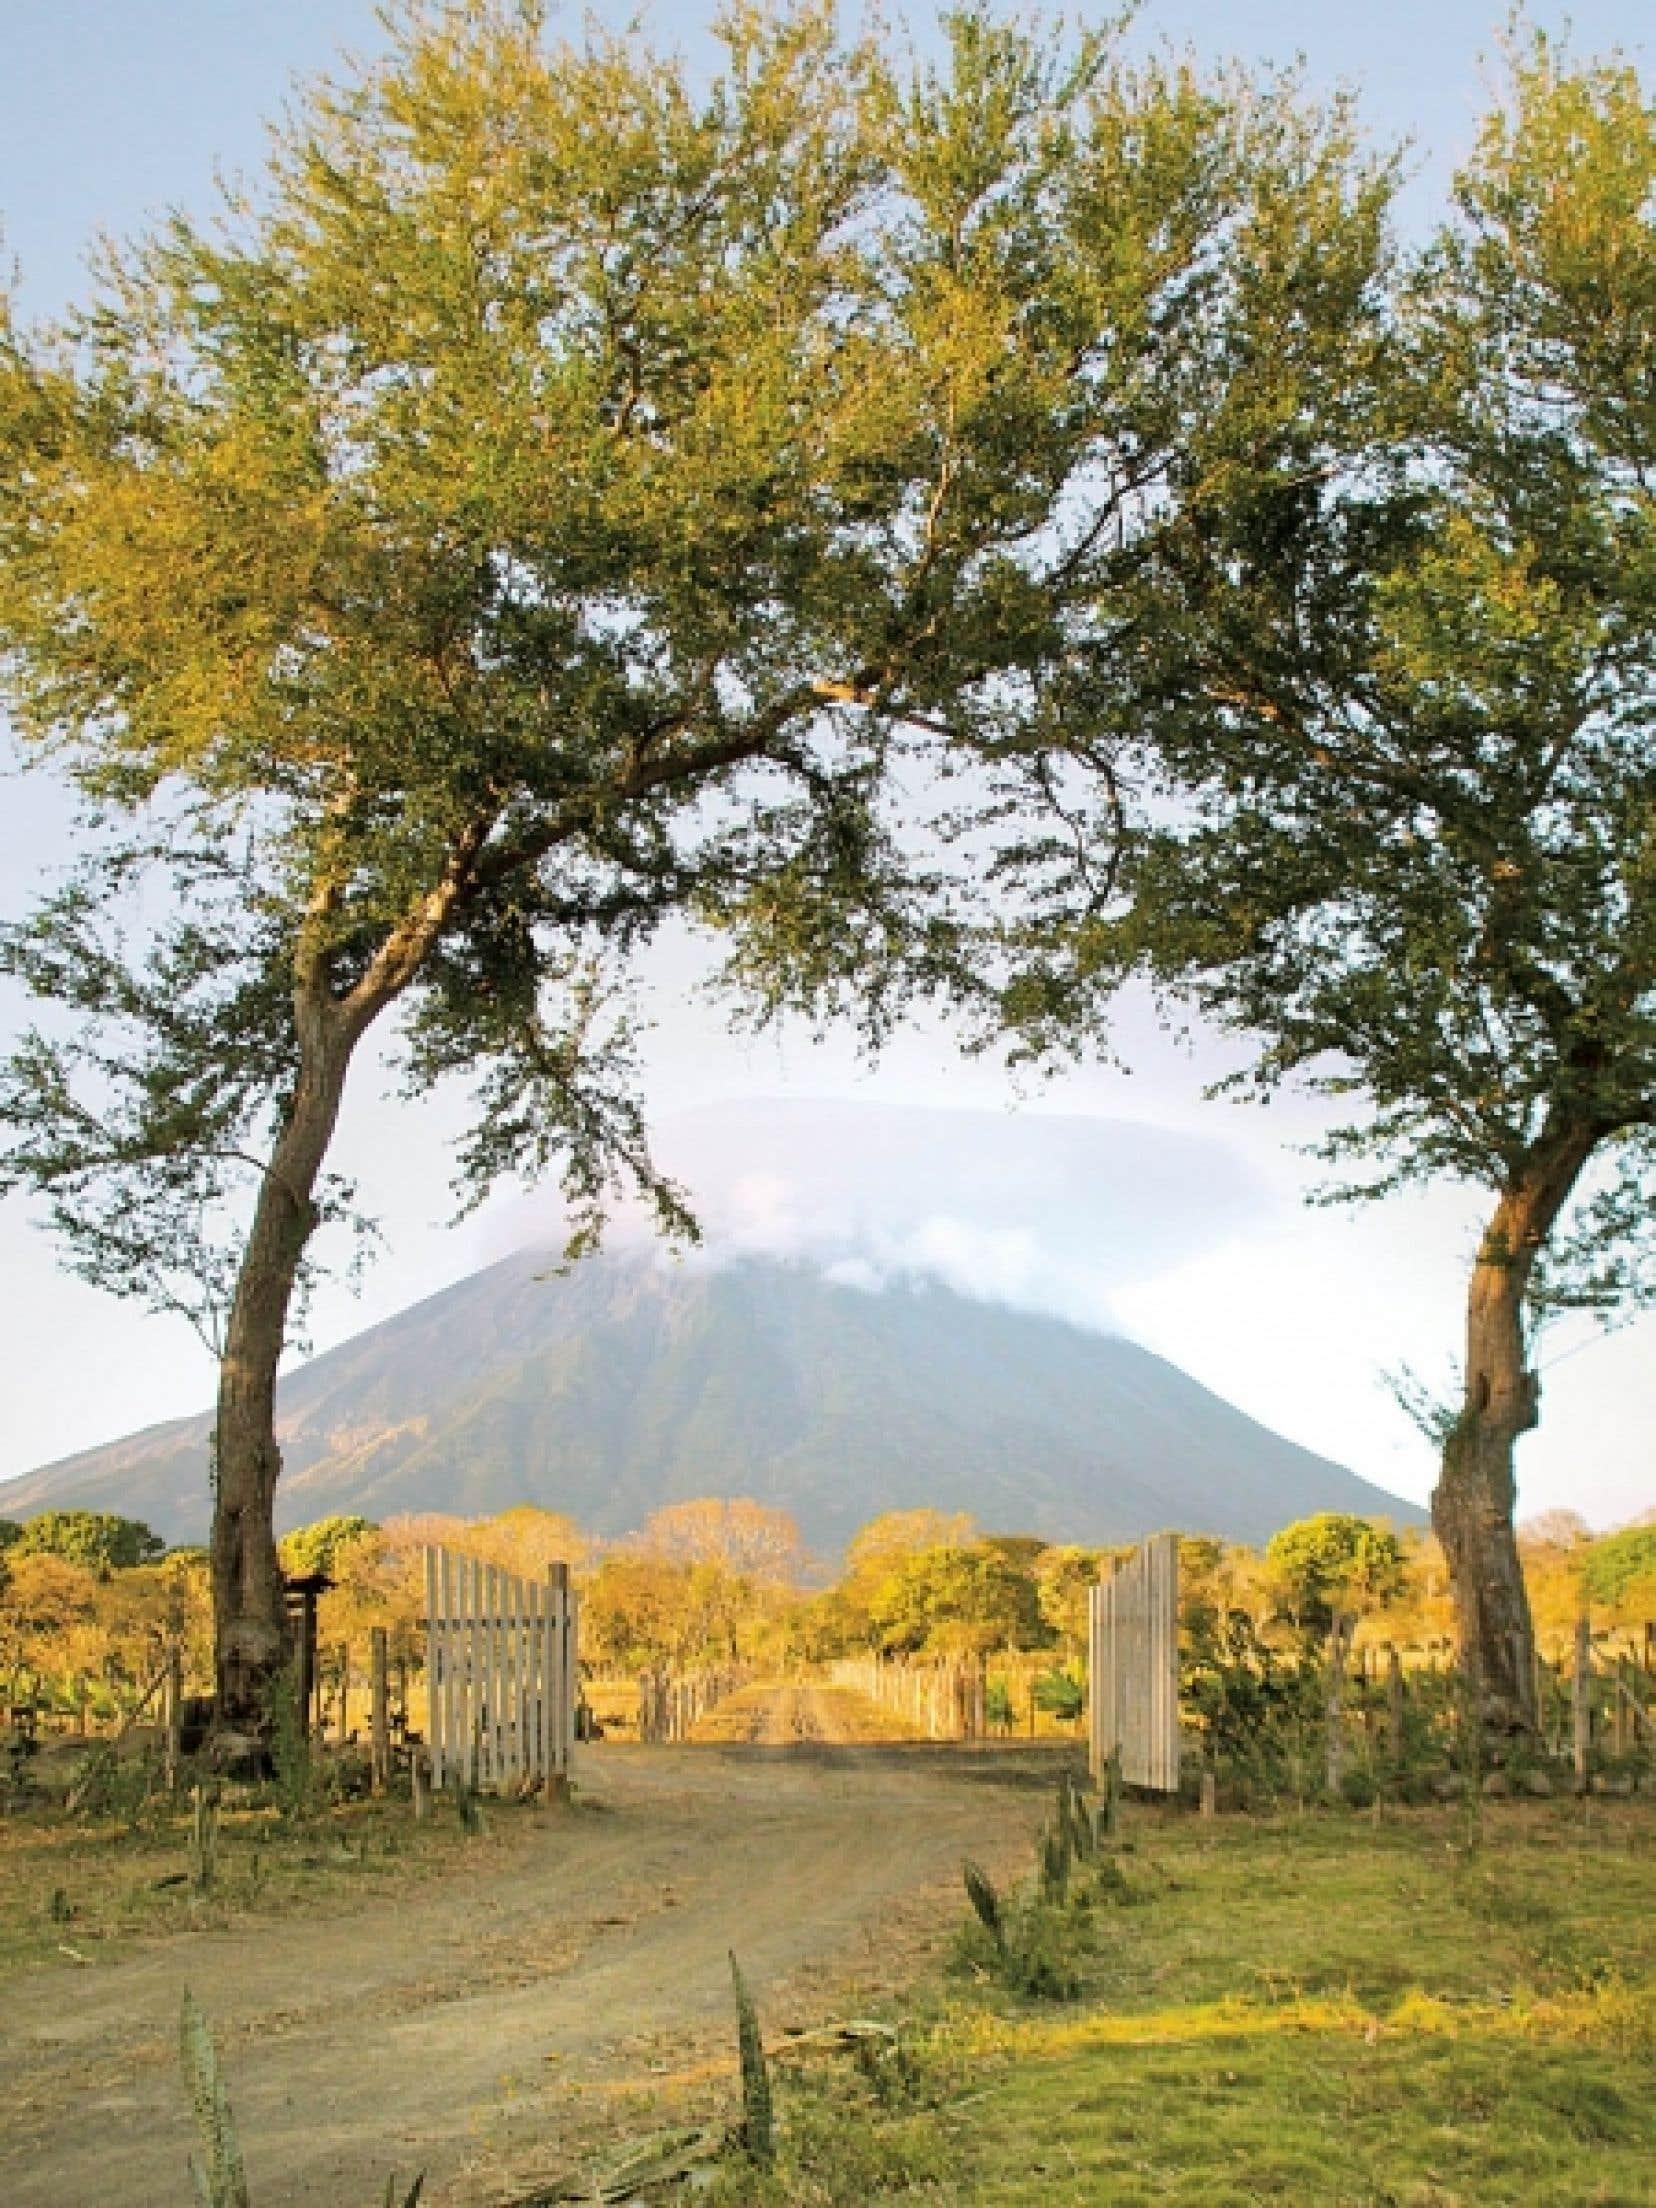 Ometepe a deux volcans jumeaux, d'abord Maderas, qui protège des vents dominants de l'est, et son frère Concepción, ci-dessus. <br />